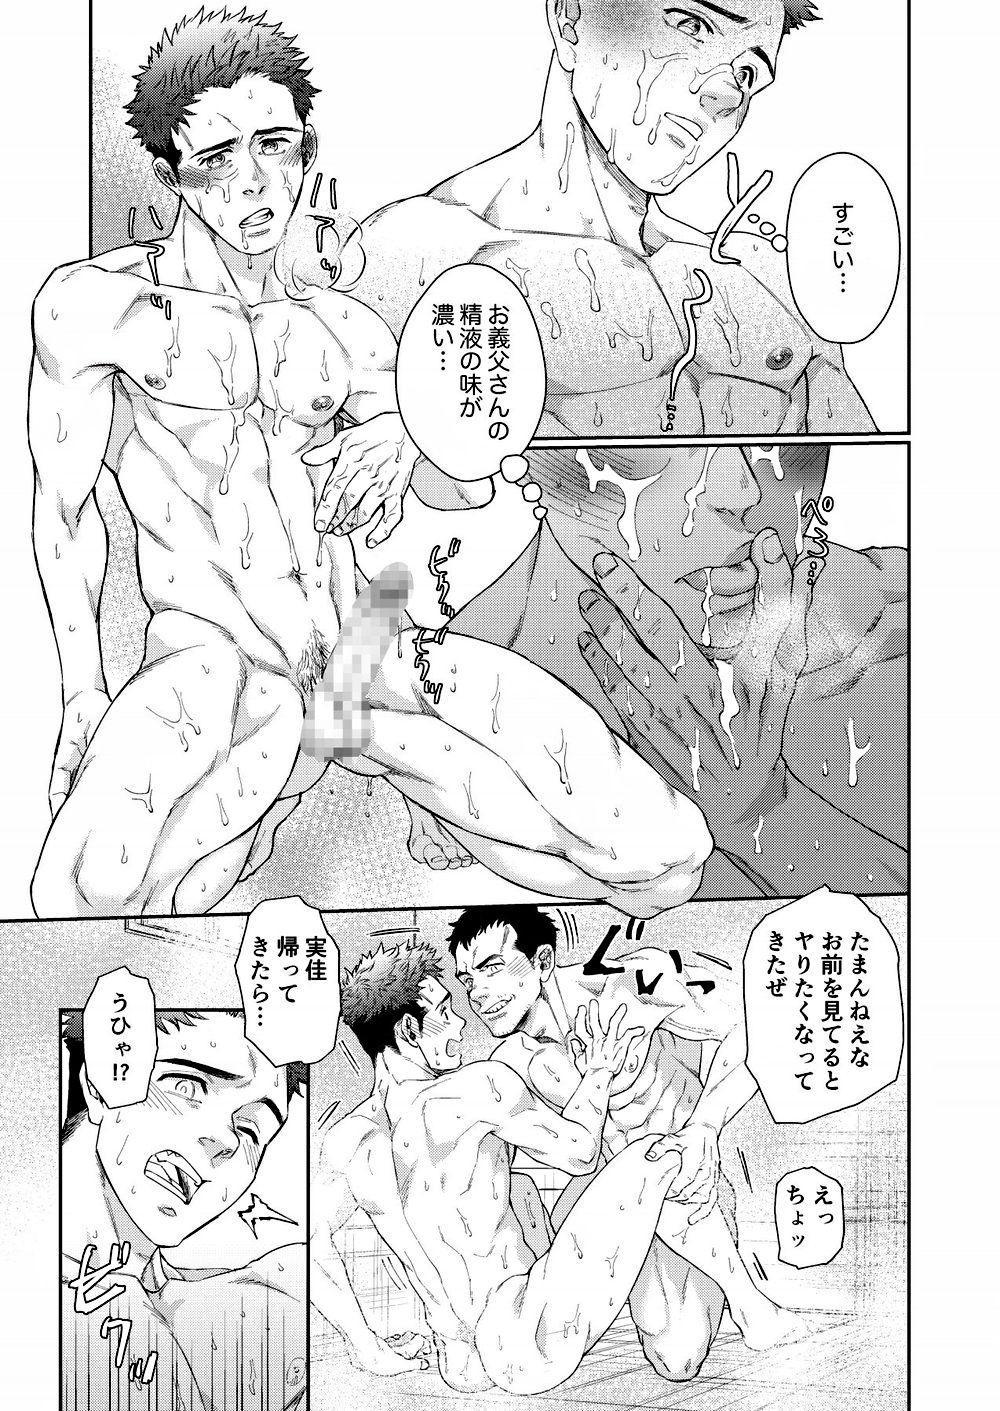 Kamishimo o nuide hitotsu bureikō 18